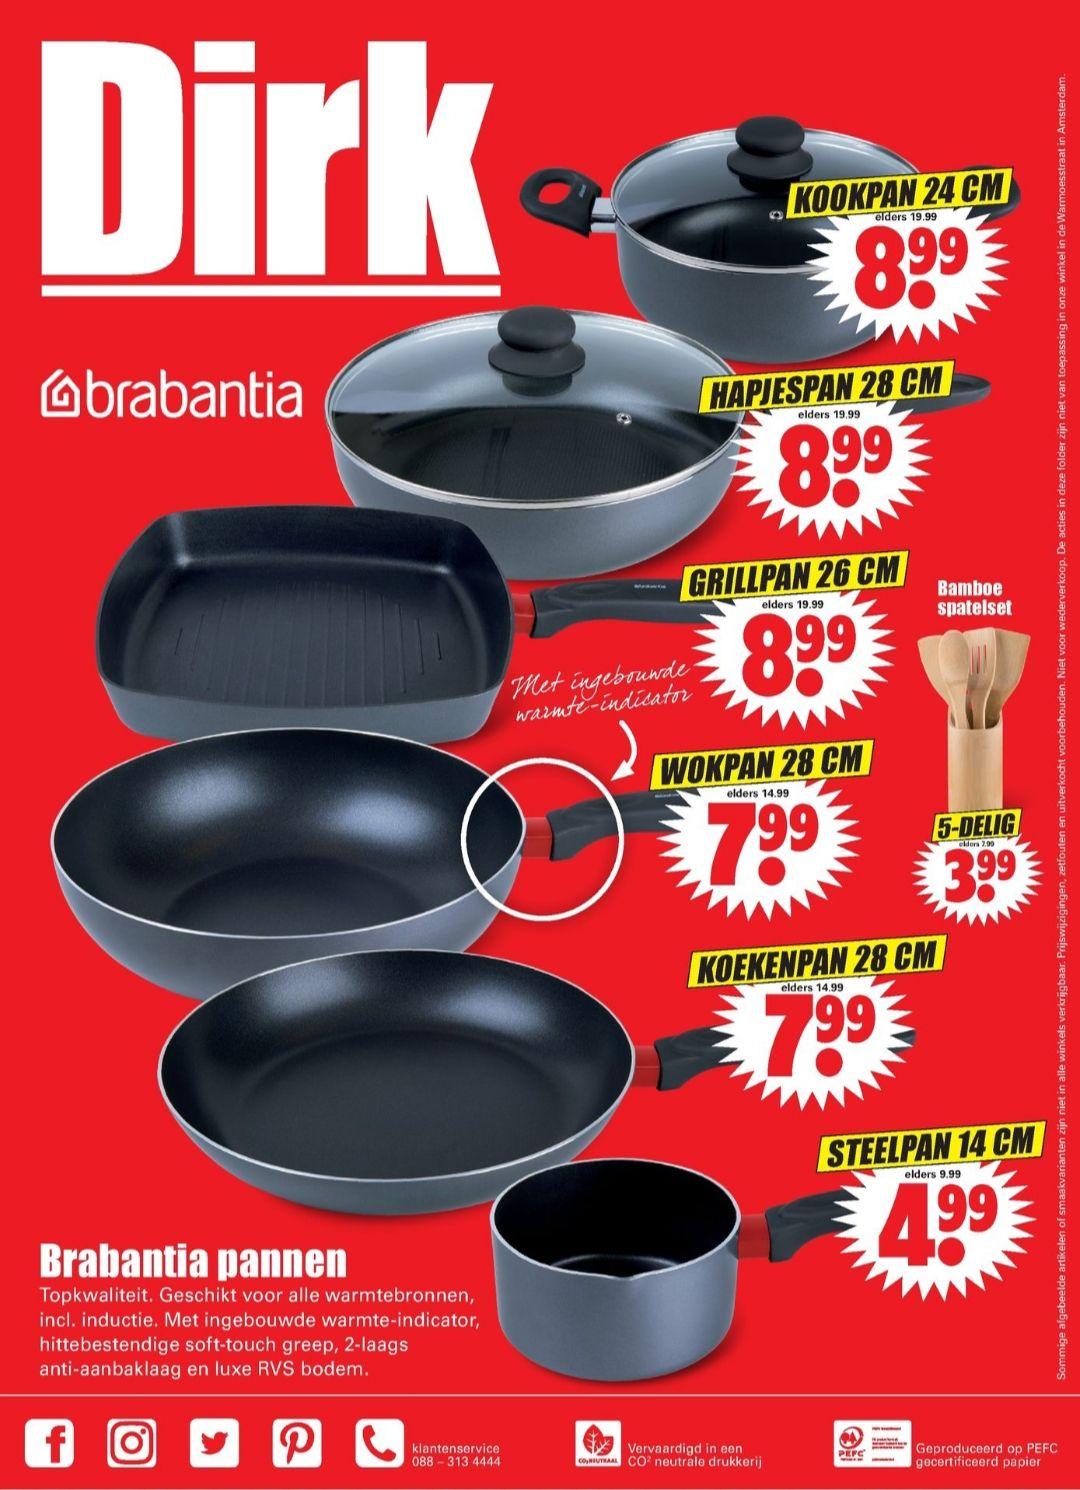 Brabantia pannen €4.99-€8.99 bij Dirk vanaf 3/11